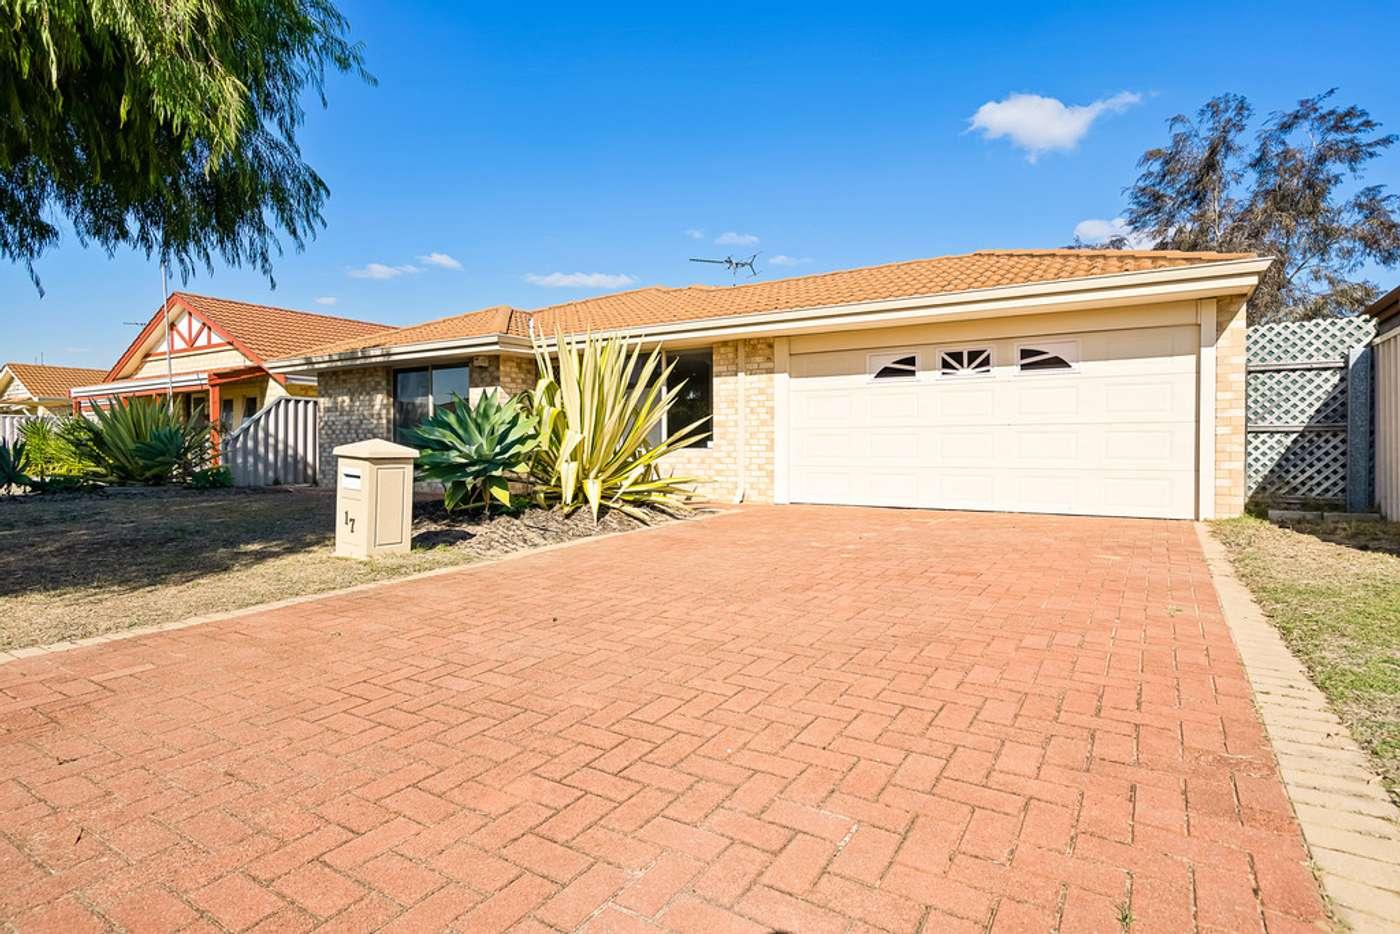 Main view of Homely house listing, 17 Menora Loop, Warnbro WA 6169